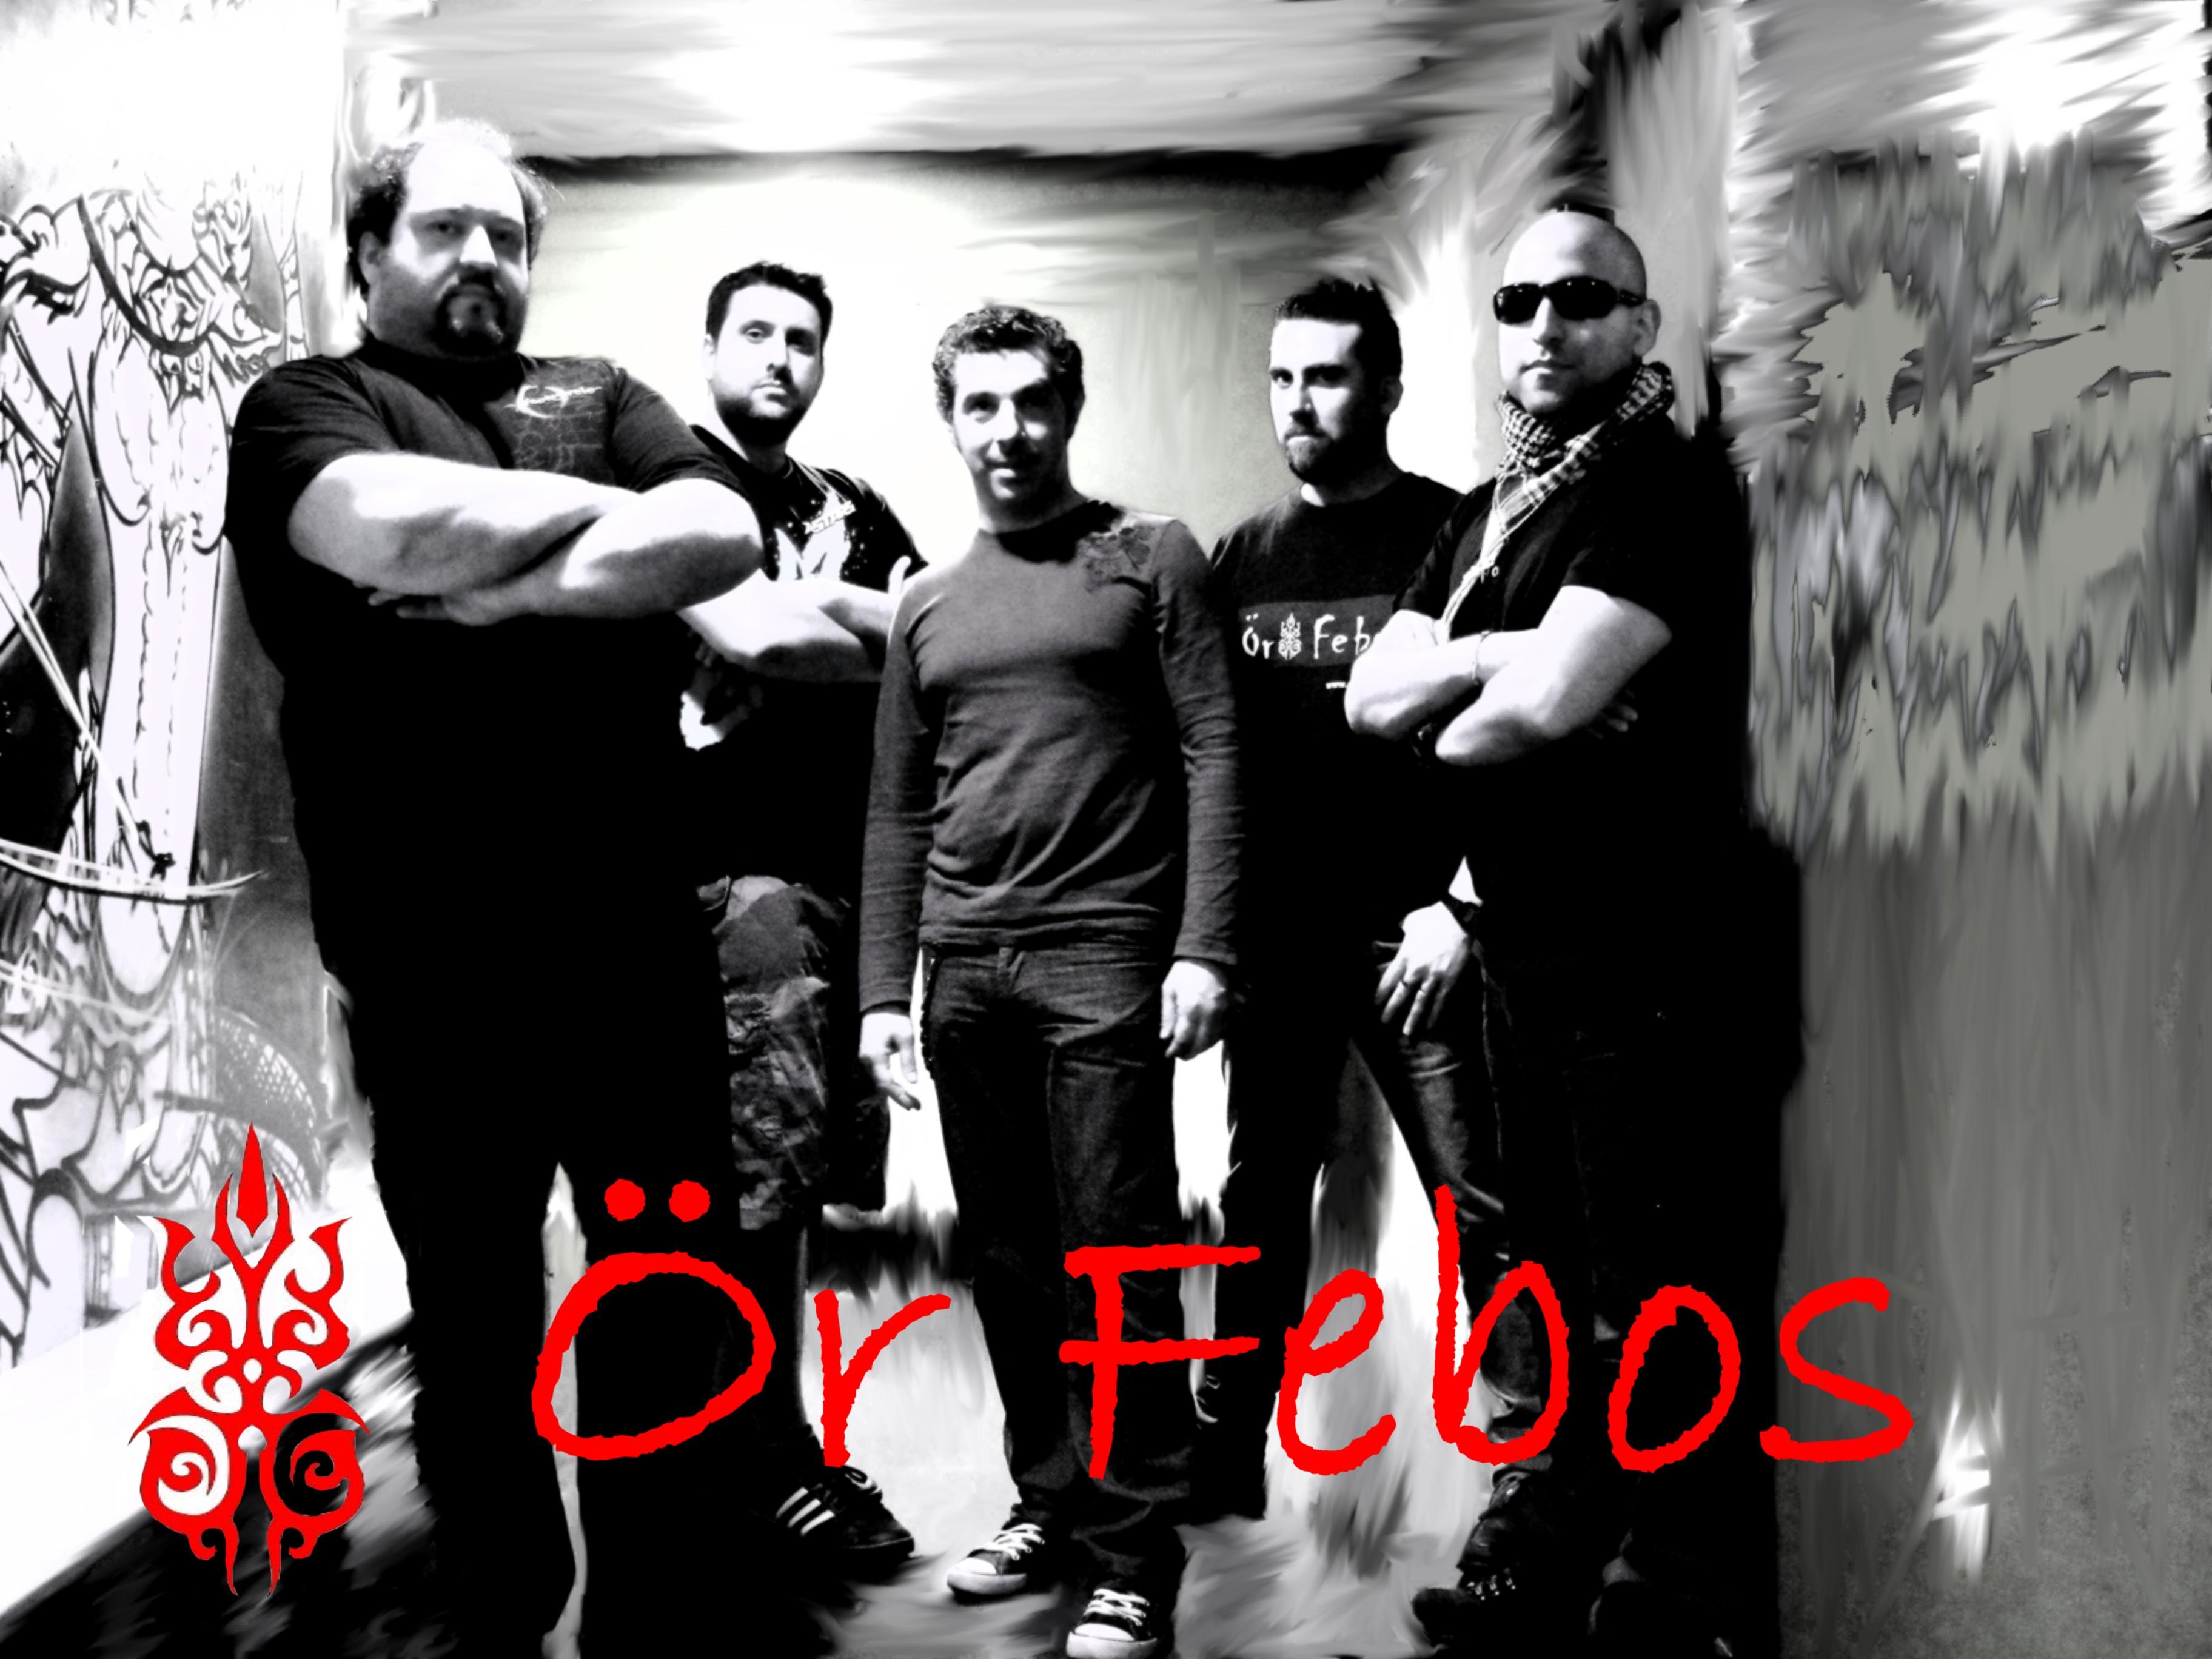 Or_Febos